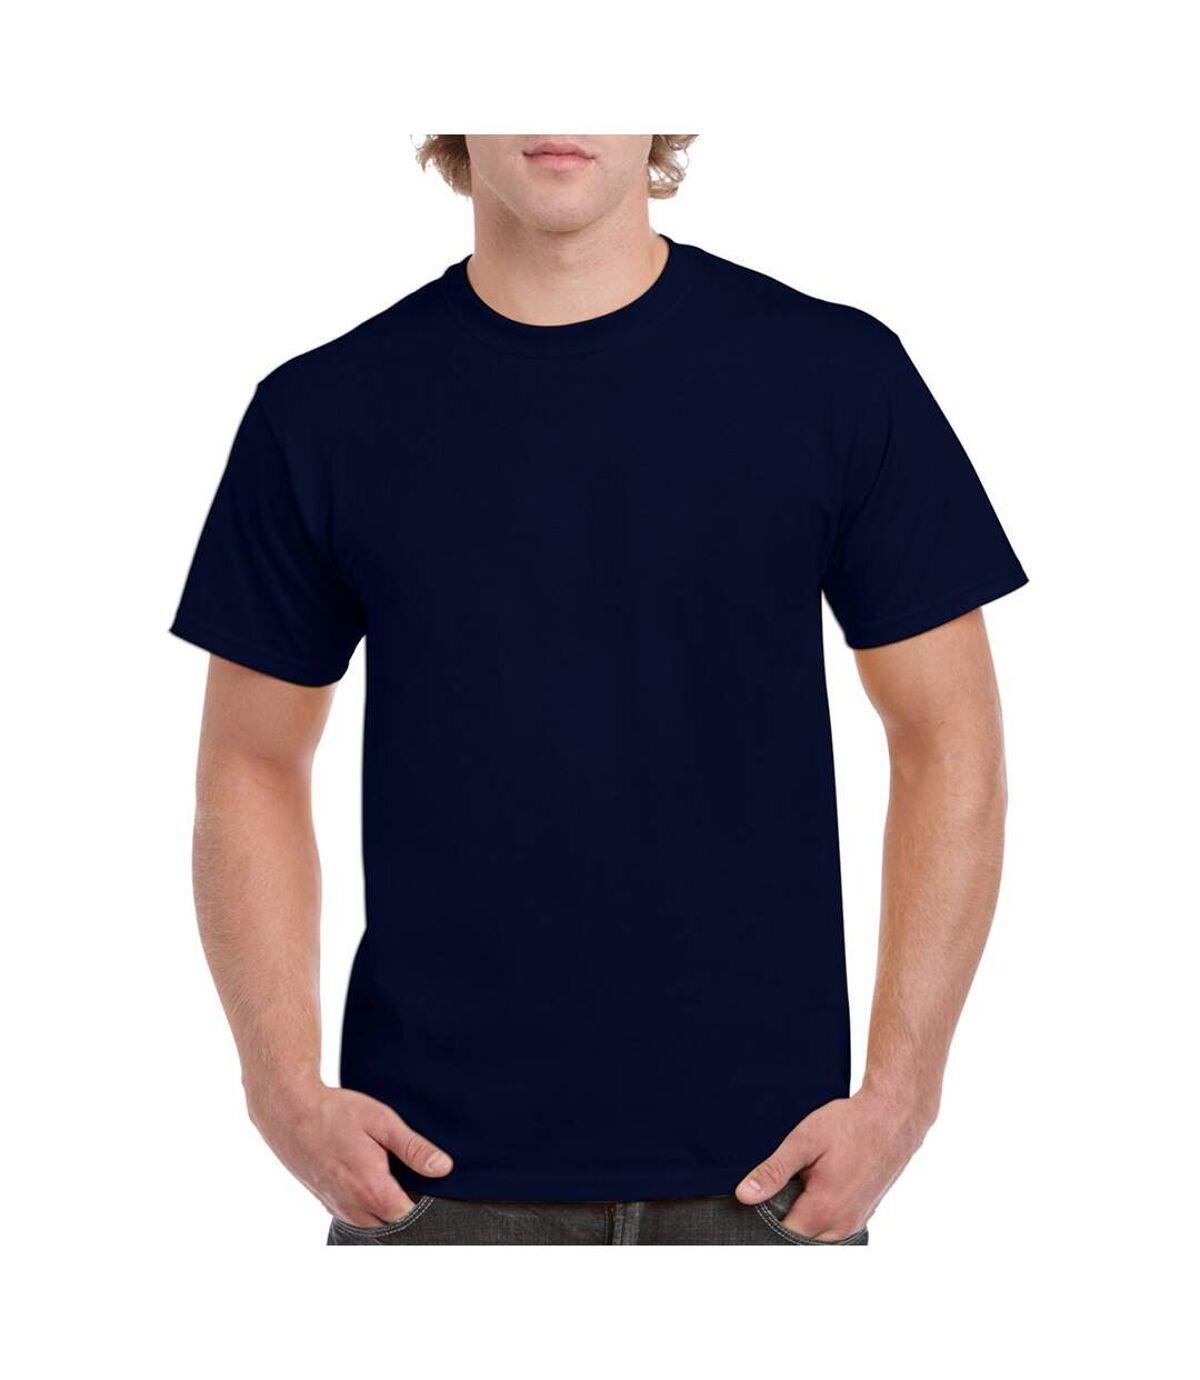 Gildan - T-shirt à manches courtes - Homme (Gris acier) - UTBC481